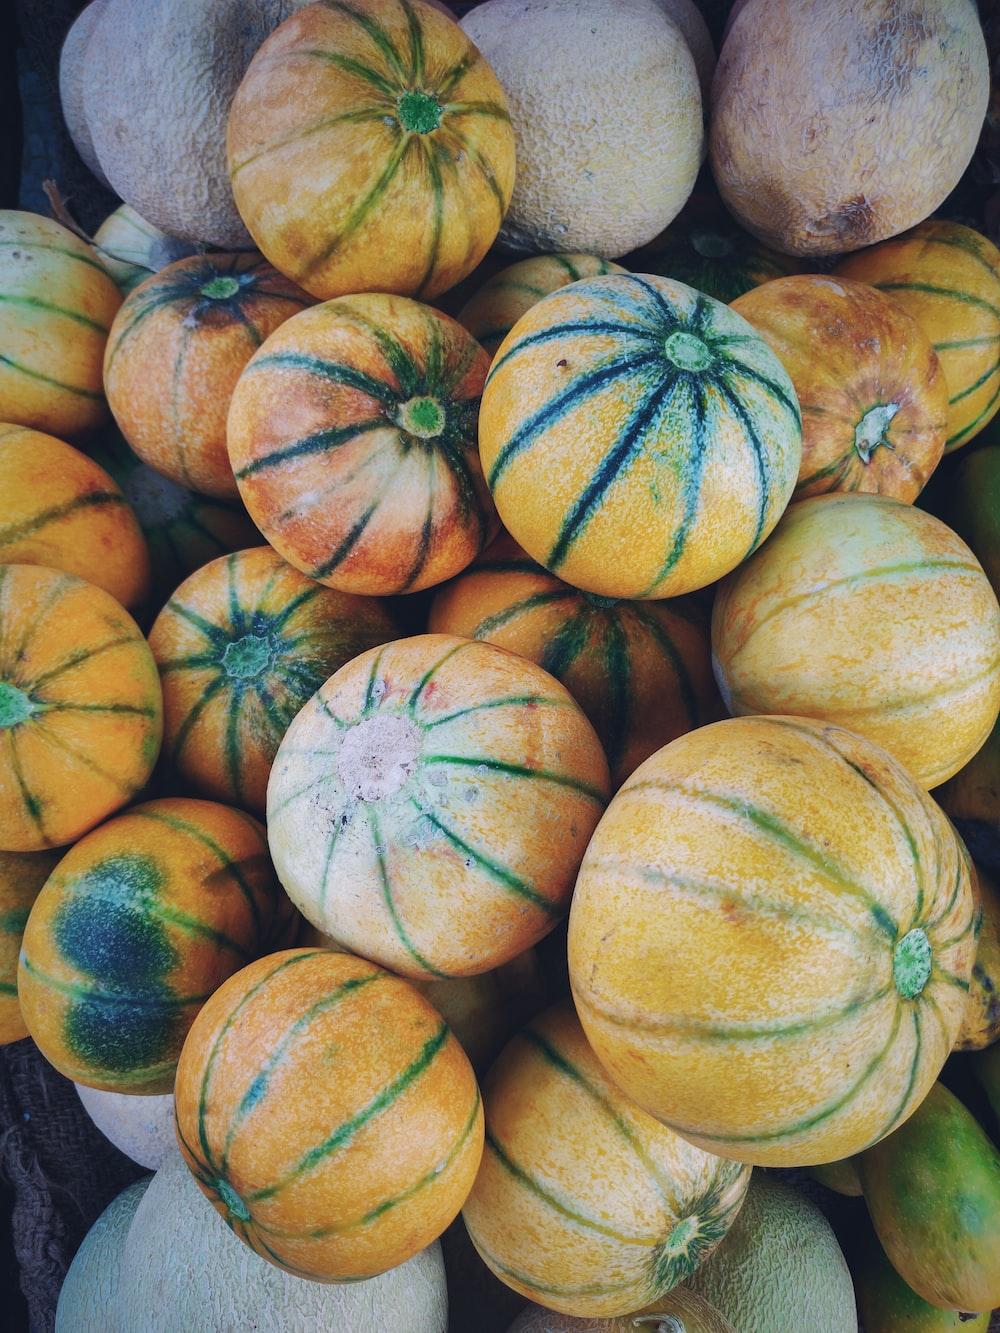 yellow and orange round fruits